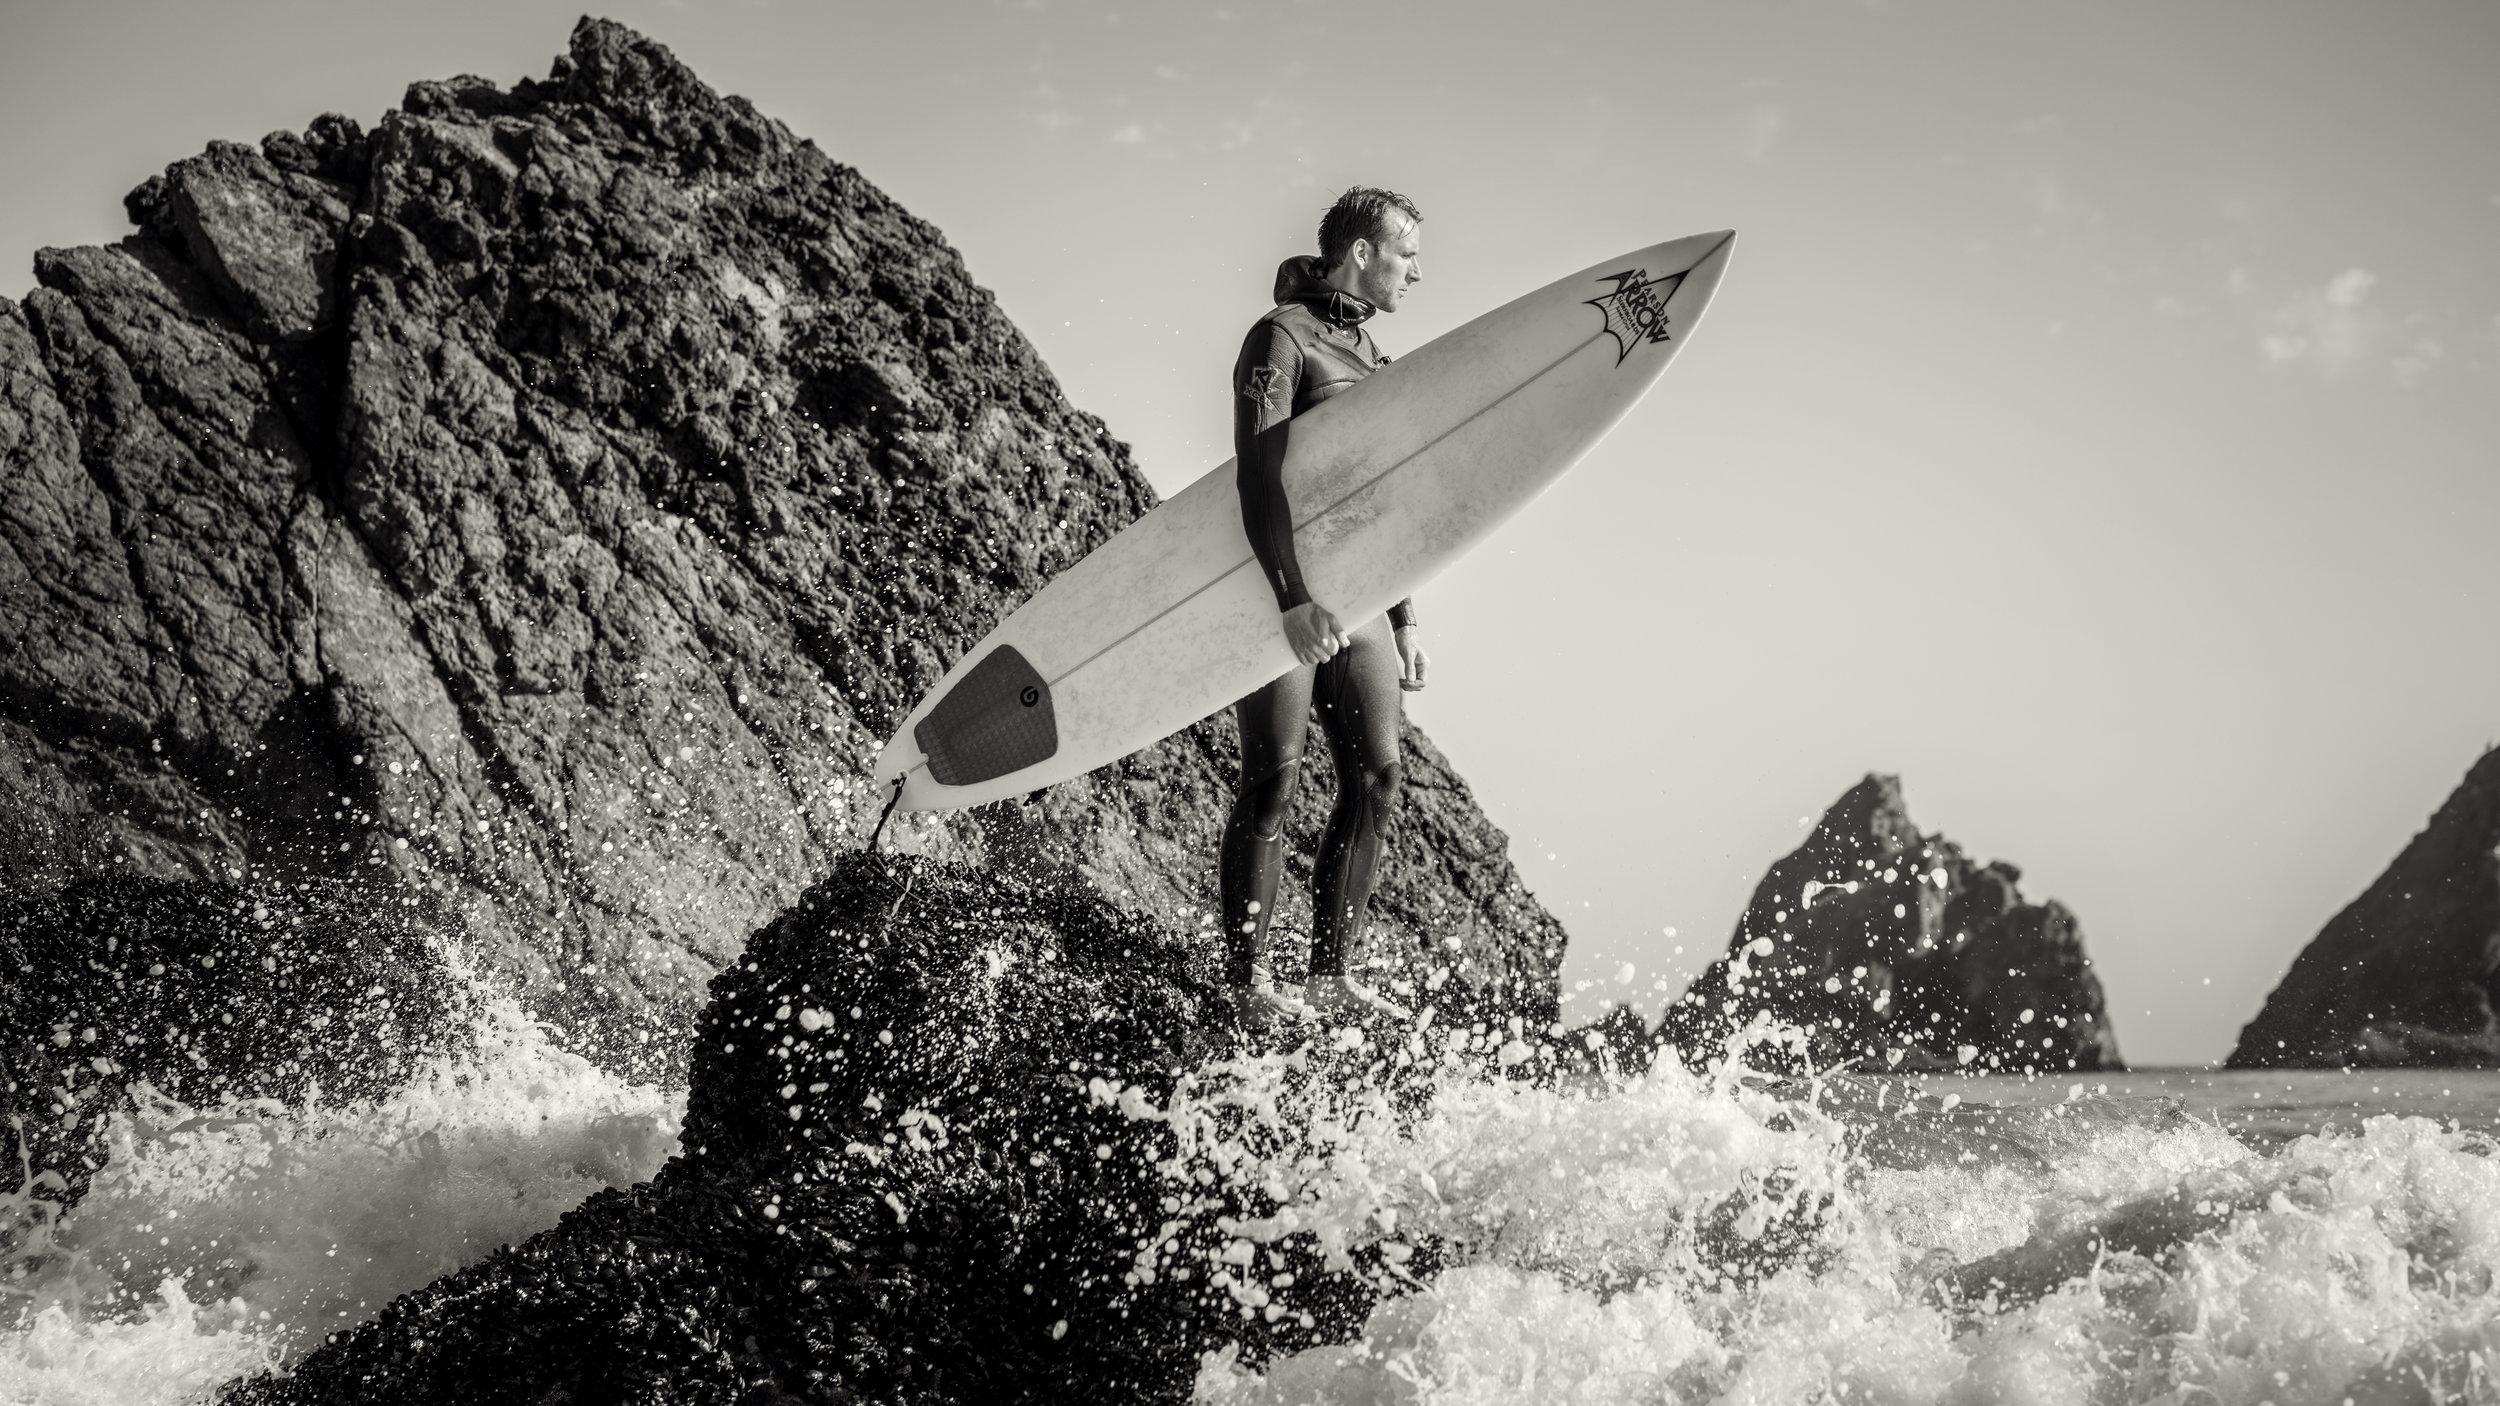 Marcus_Lehmann_CalWave_Rodeo_Beach_CA_0717_0837_bw.jpg